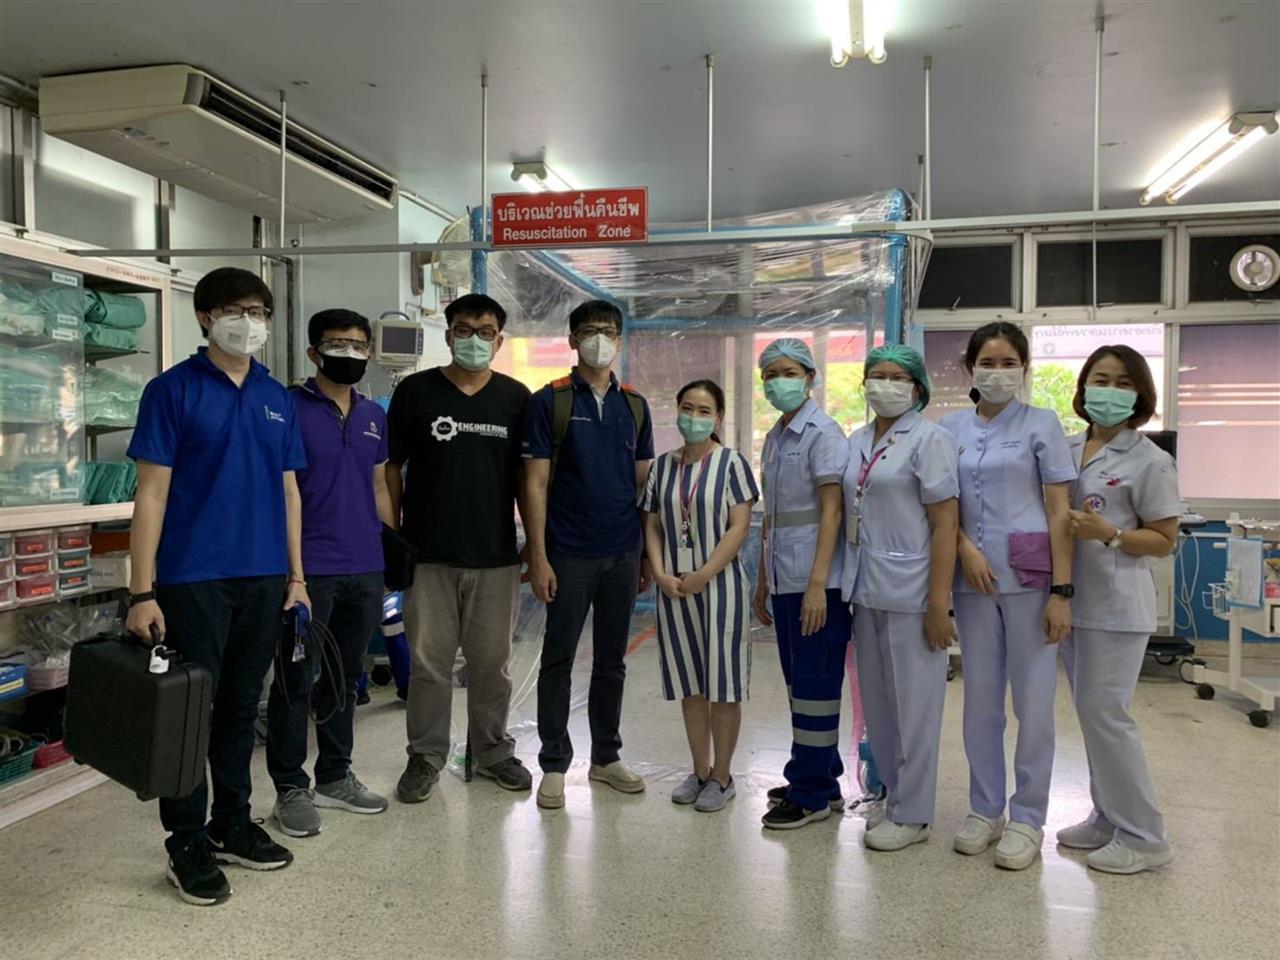 วิศวะ มพ. ส่งมอบห้องแยกการติดเชื้อทางอากาศความดันลบให้โรงพยาบาลพะเยา